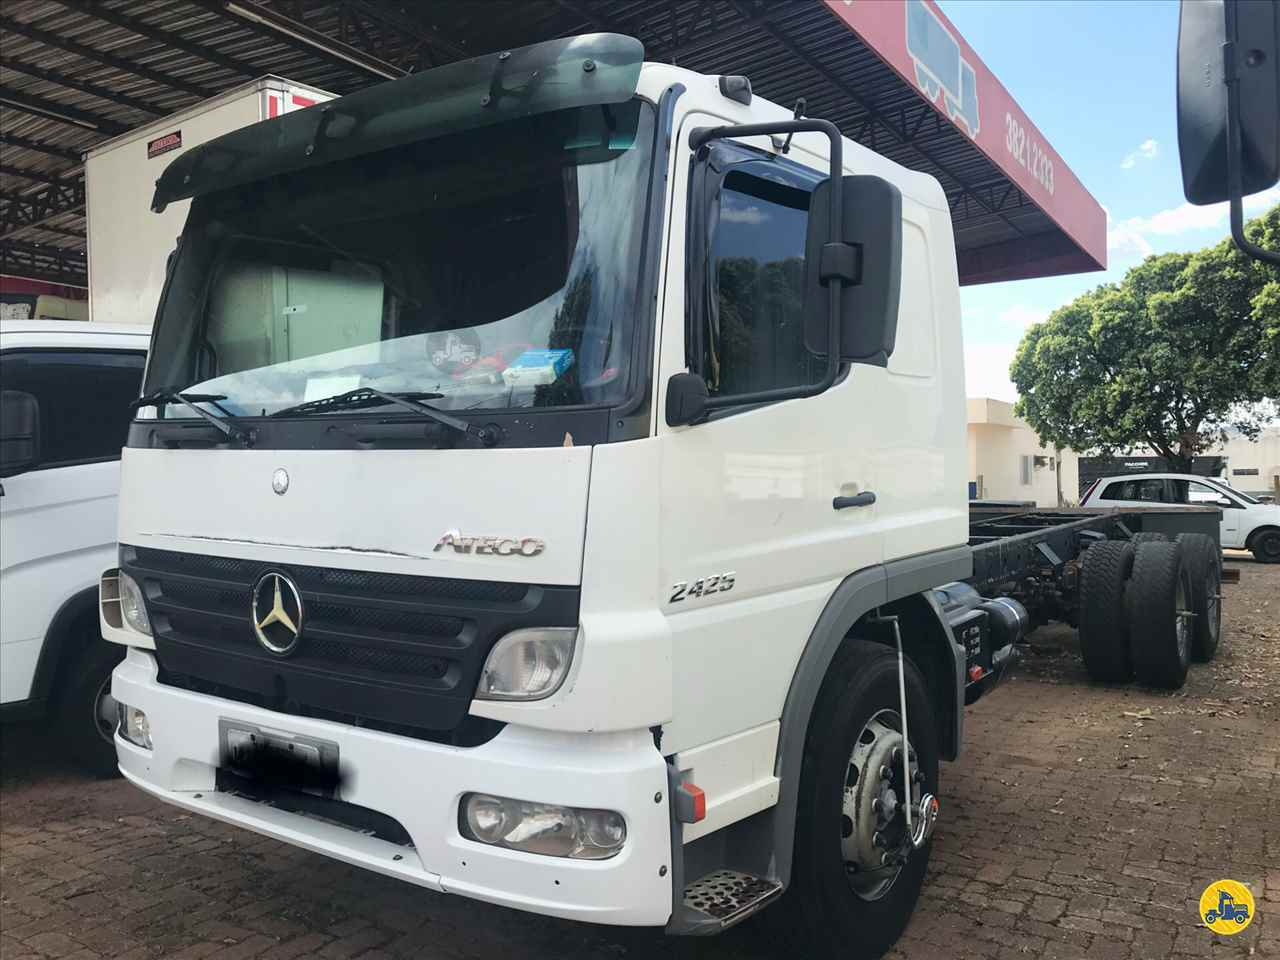 CAMINHAO MERCEDES-BENZ MB 2425 Chassis Truck 6x2 Geraldo Caminhões PATOS DE MINAS MINAS GERAIS MG